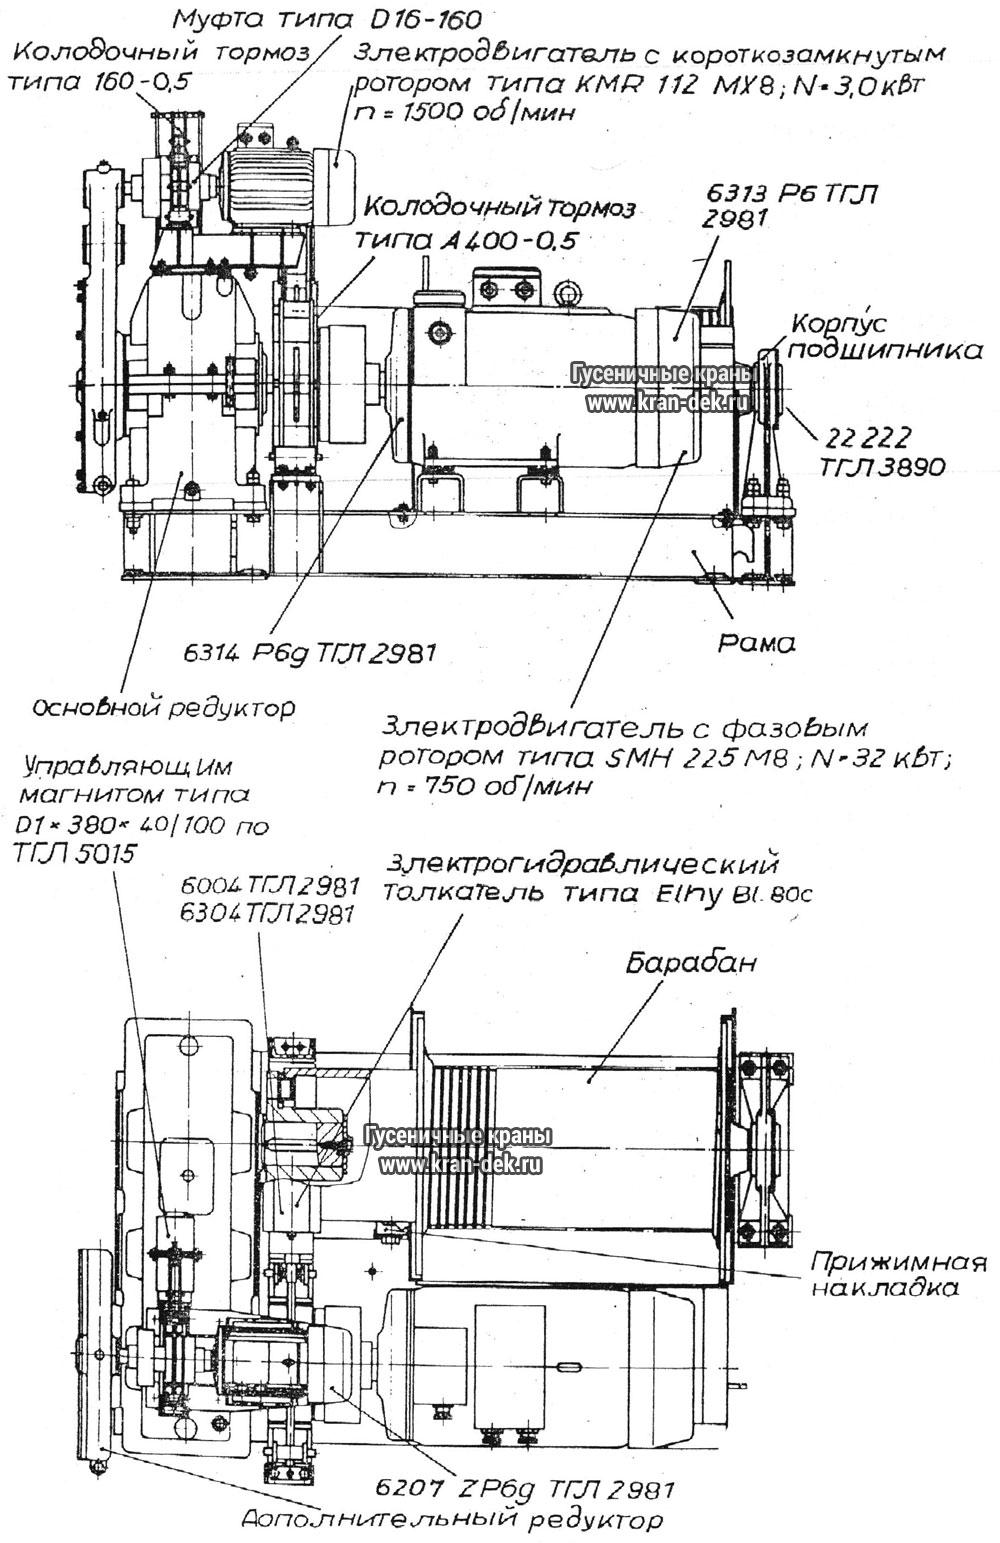 Кран рдк 250 схема электрическая фото 274